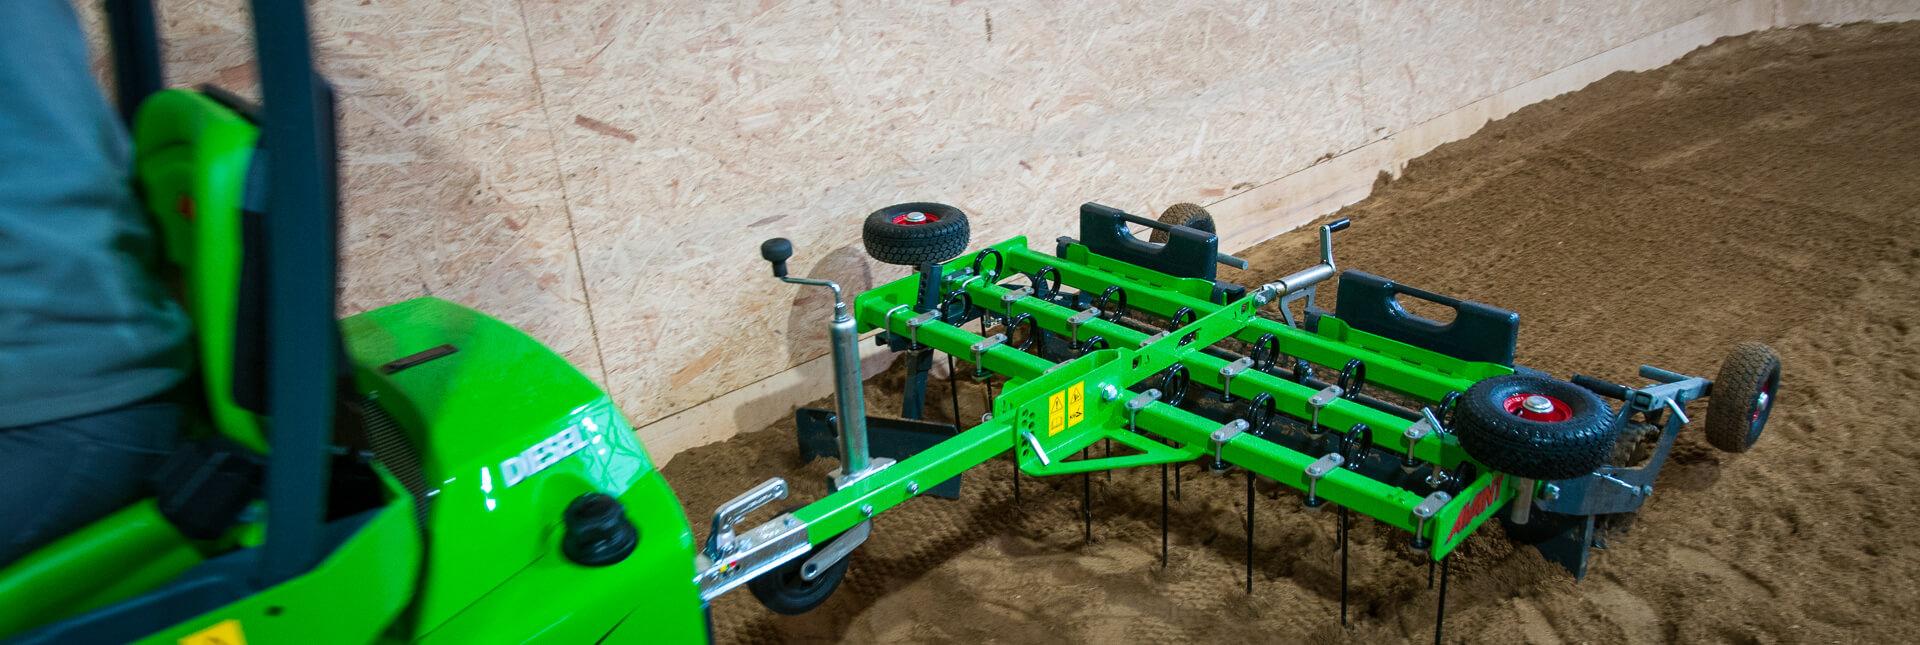 Arbejdsbillede af Ridebaneplaner 150, der harver en ridebane effektivt monteret på en avant minilæsser